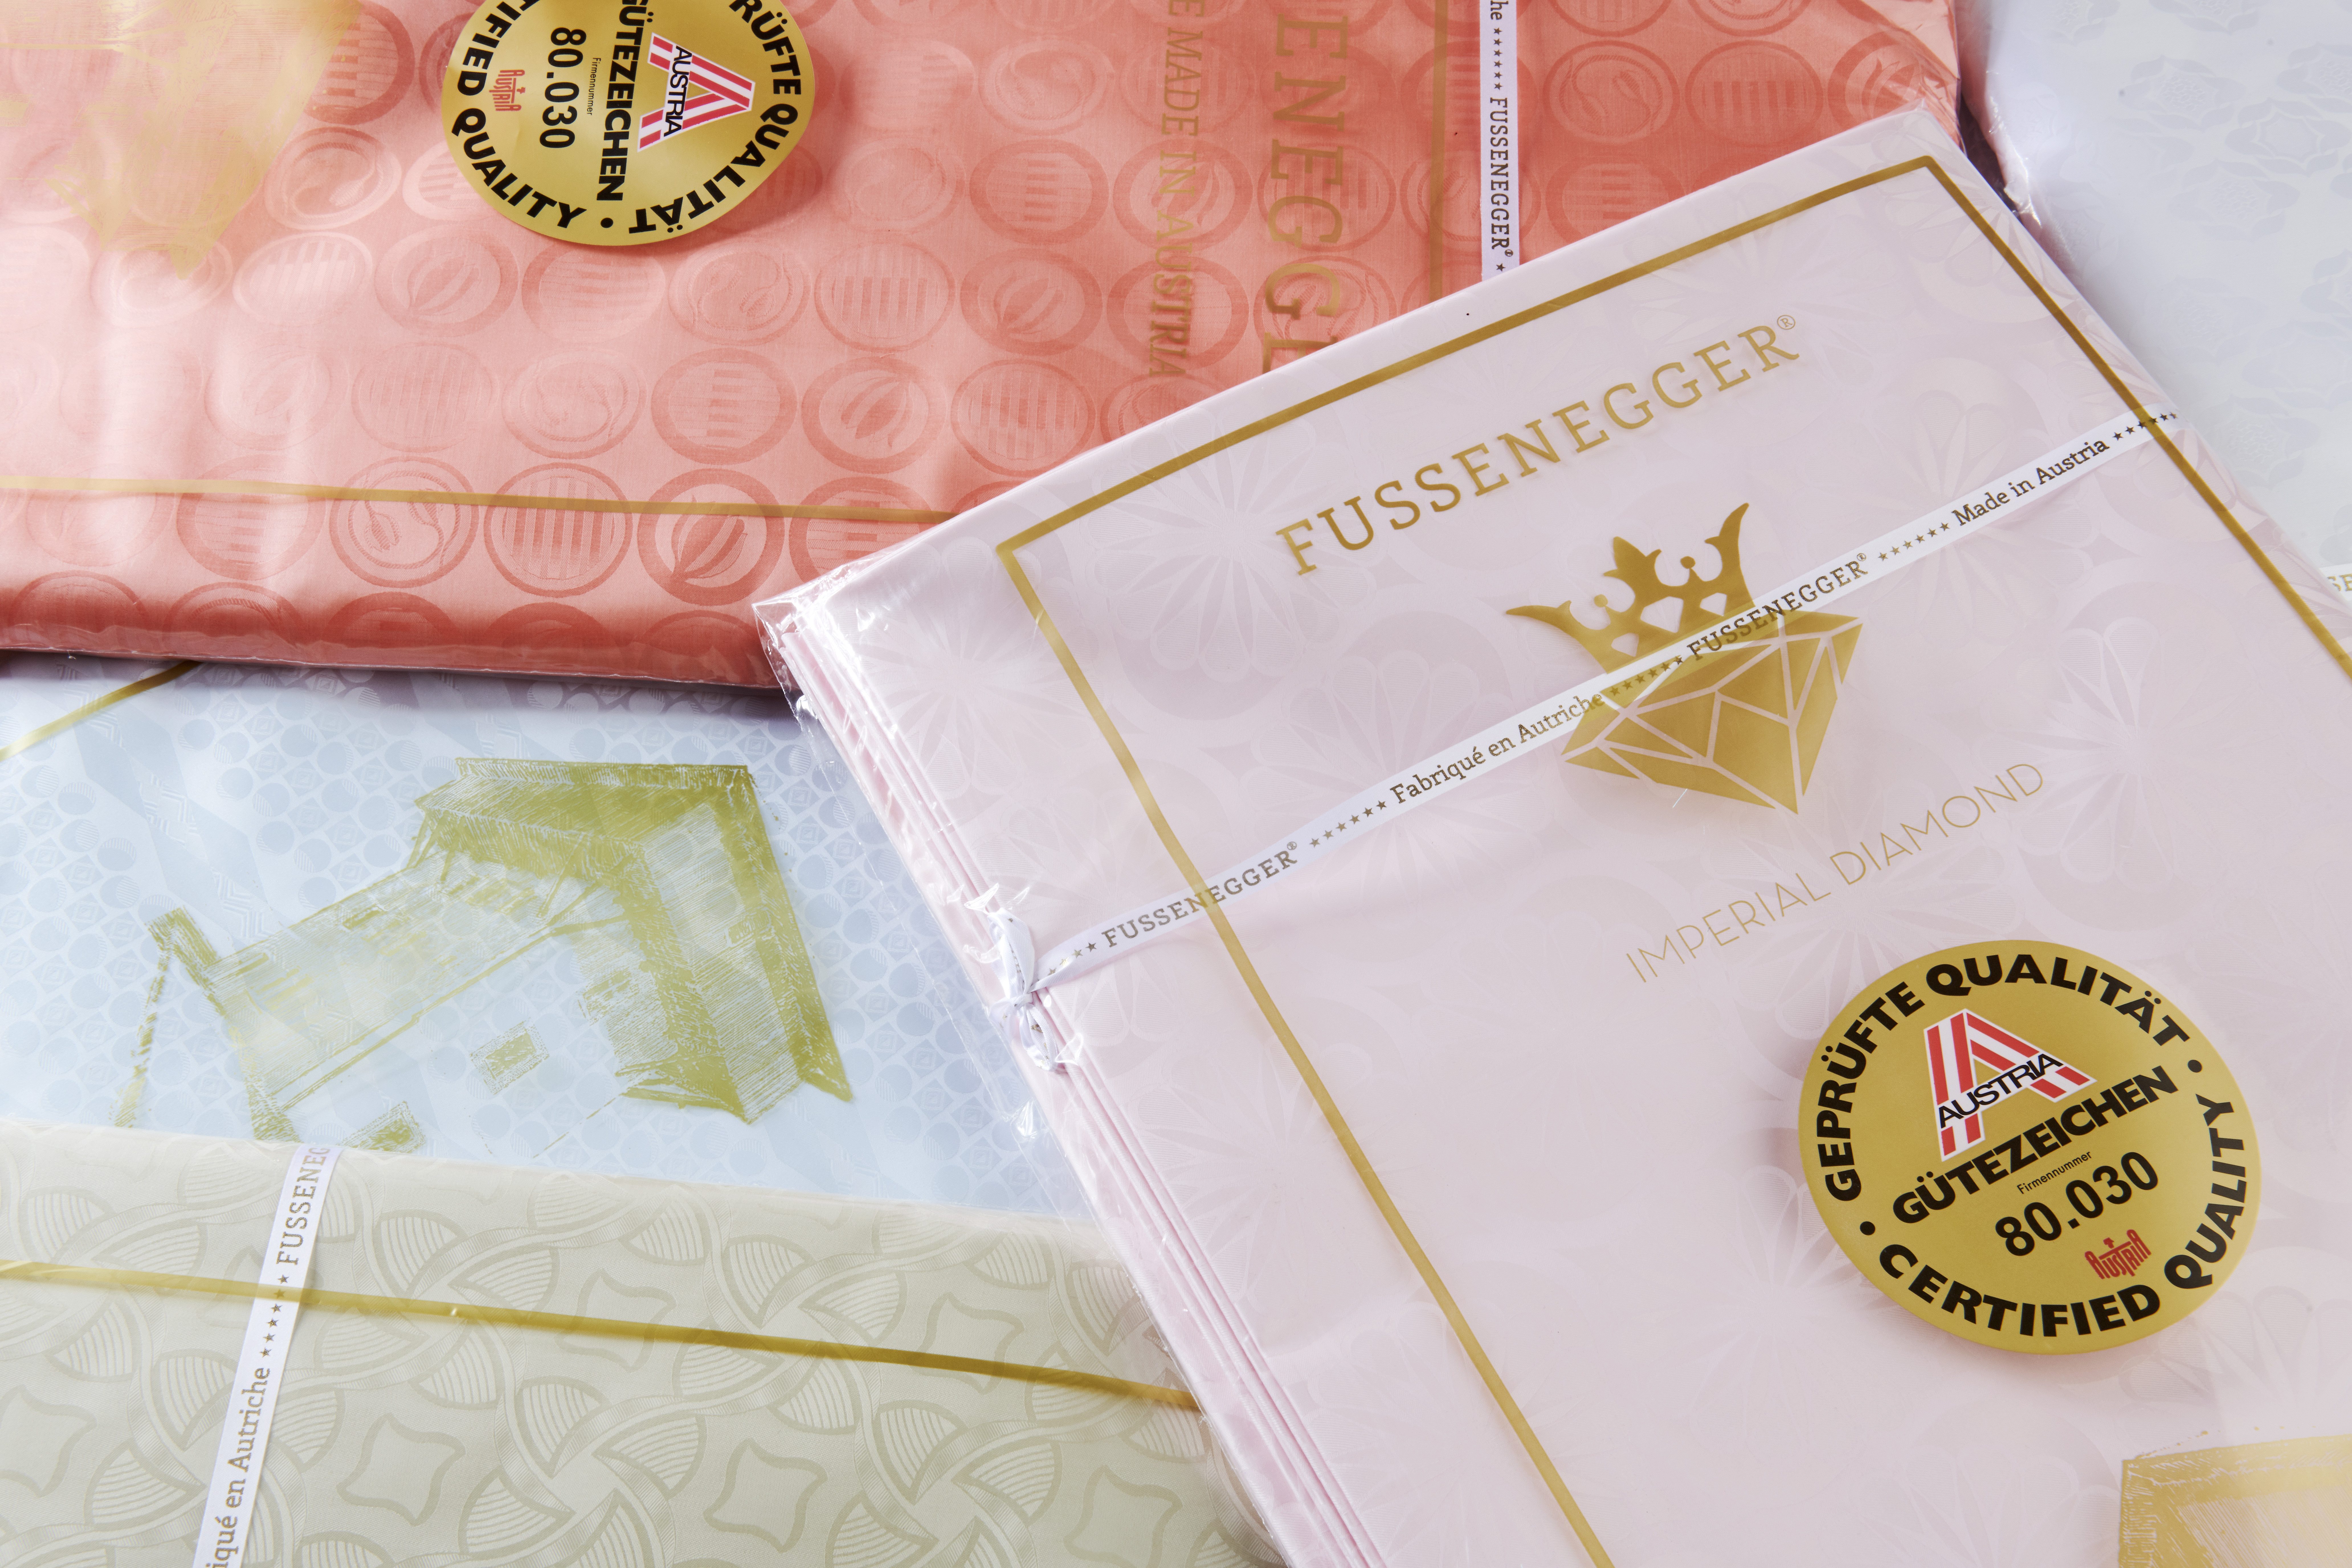 2017-10-16 Fussenegger Textil Produktfotos0289.jpg